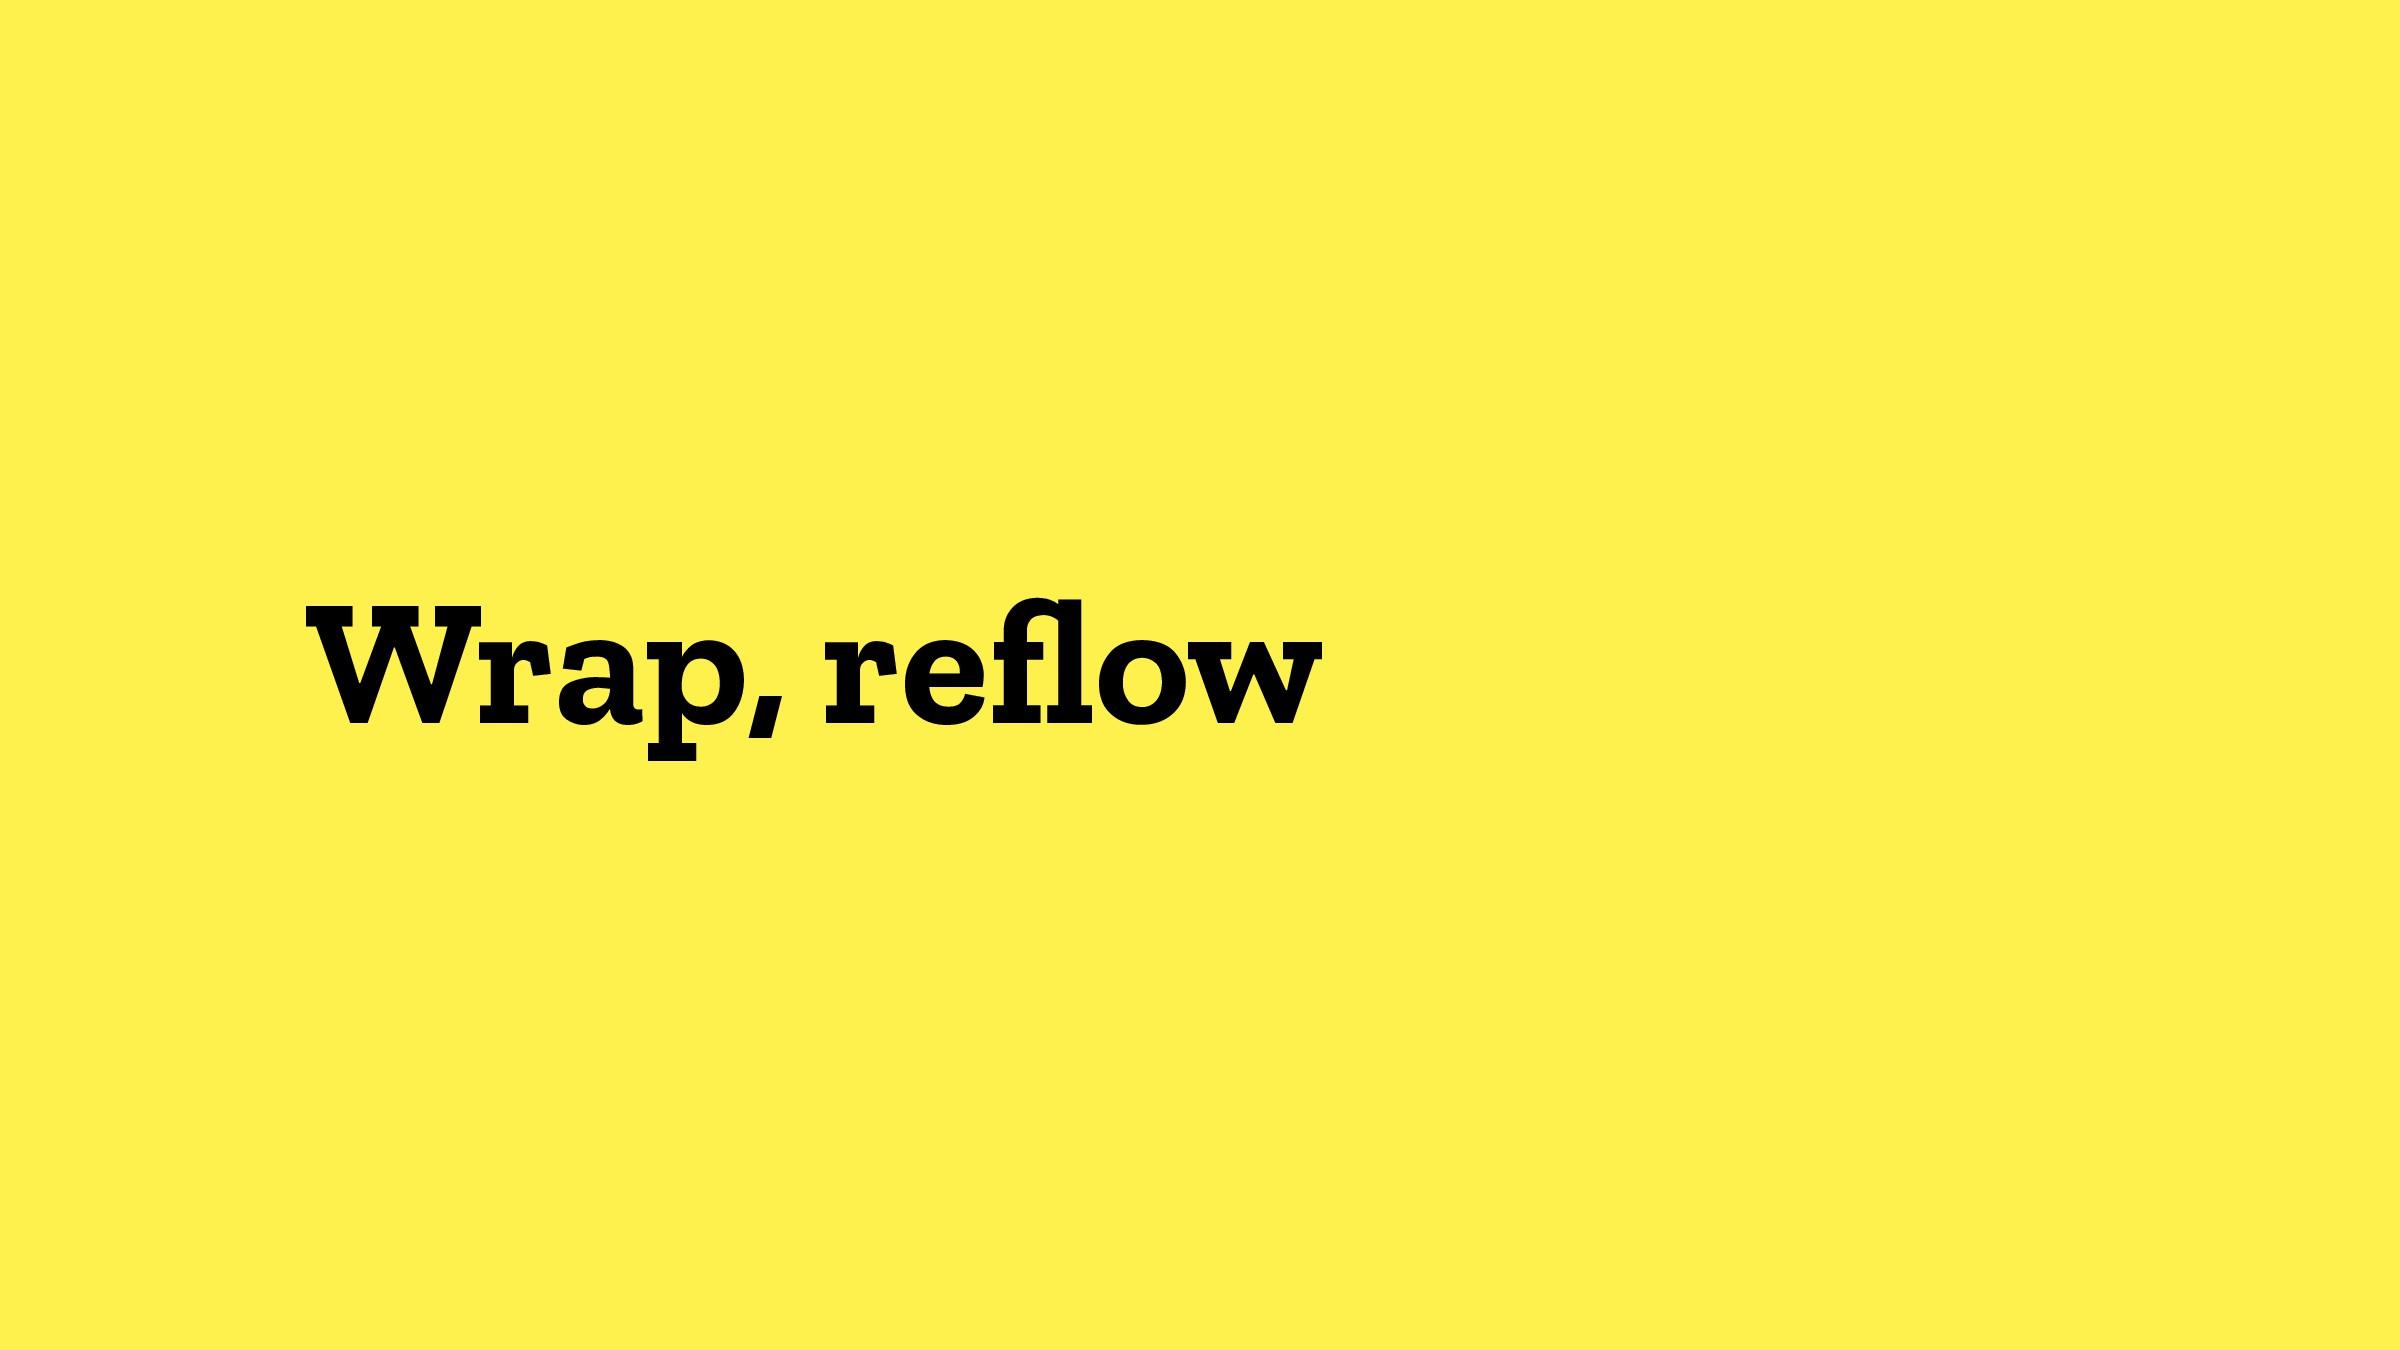 Wrap, reflow